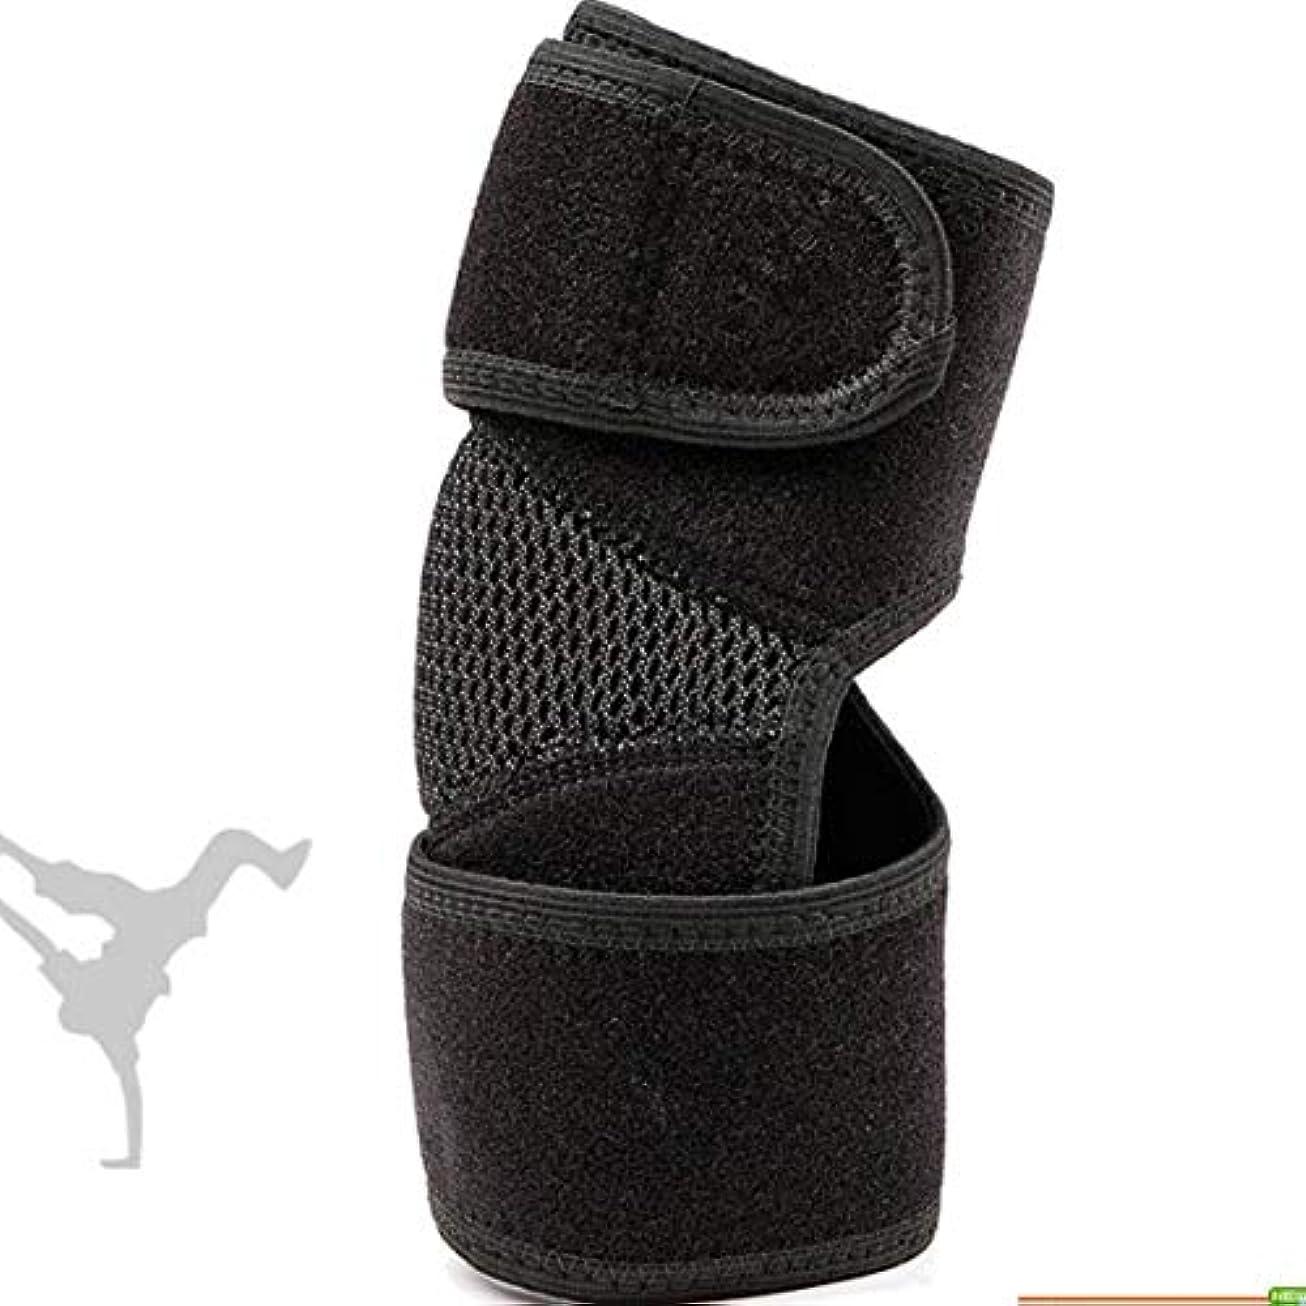 見る人セメント願う調節可能な 腕陸上競技の保護者のスポーツ保護するクラッシュ耐性の弾力性エルボーブレースランスポーツマンディフェンダー - ブラック